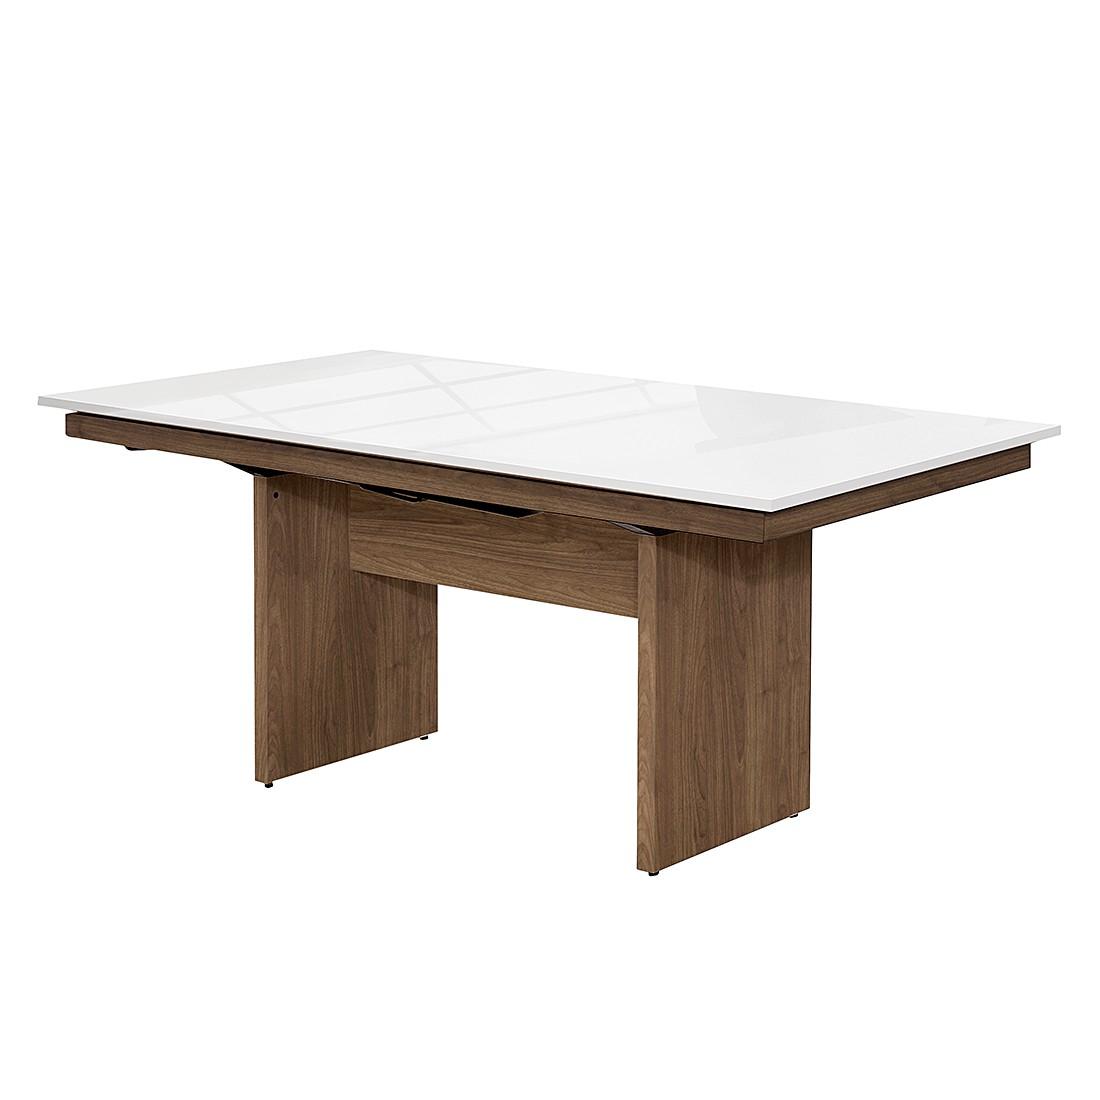 Wangentisch Deck – Walnuss Dekor/Hochglanz Weiß – 220 x 75 cm, Arte M online kaufen